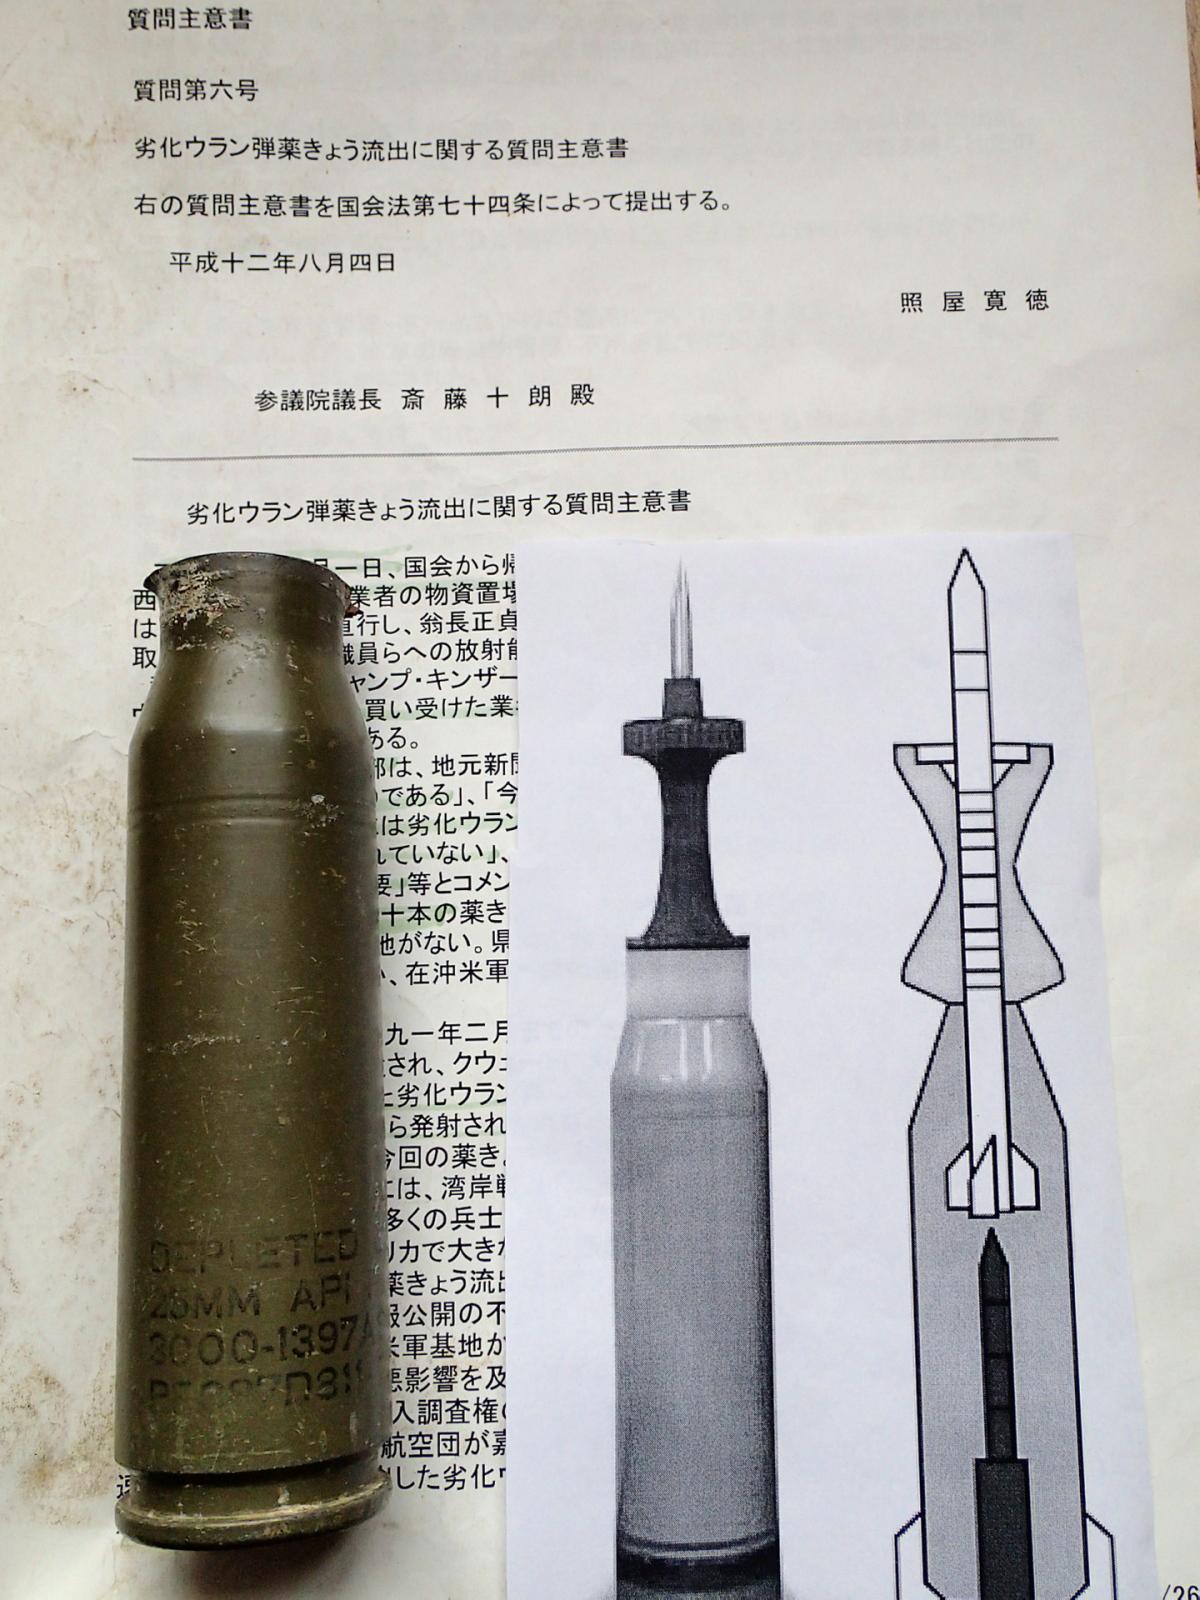 劣化ウラン弾(2)